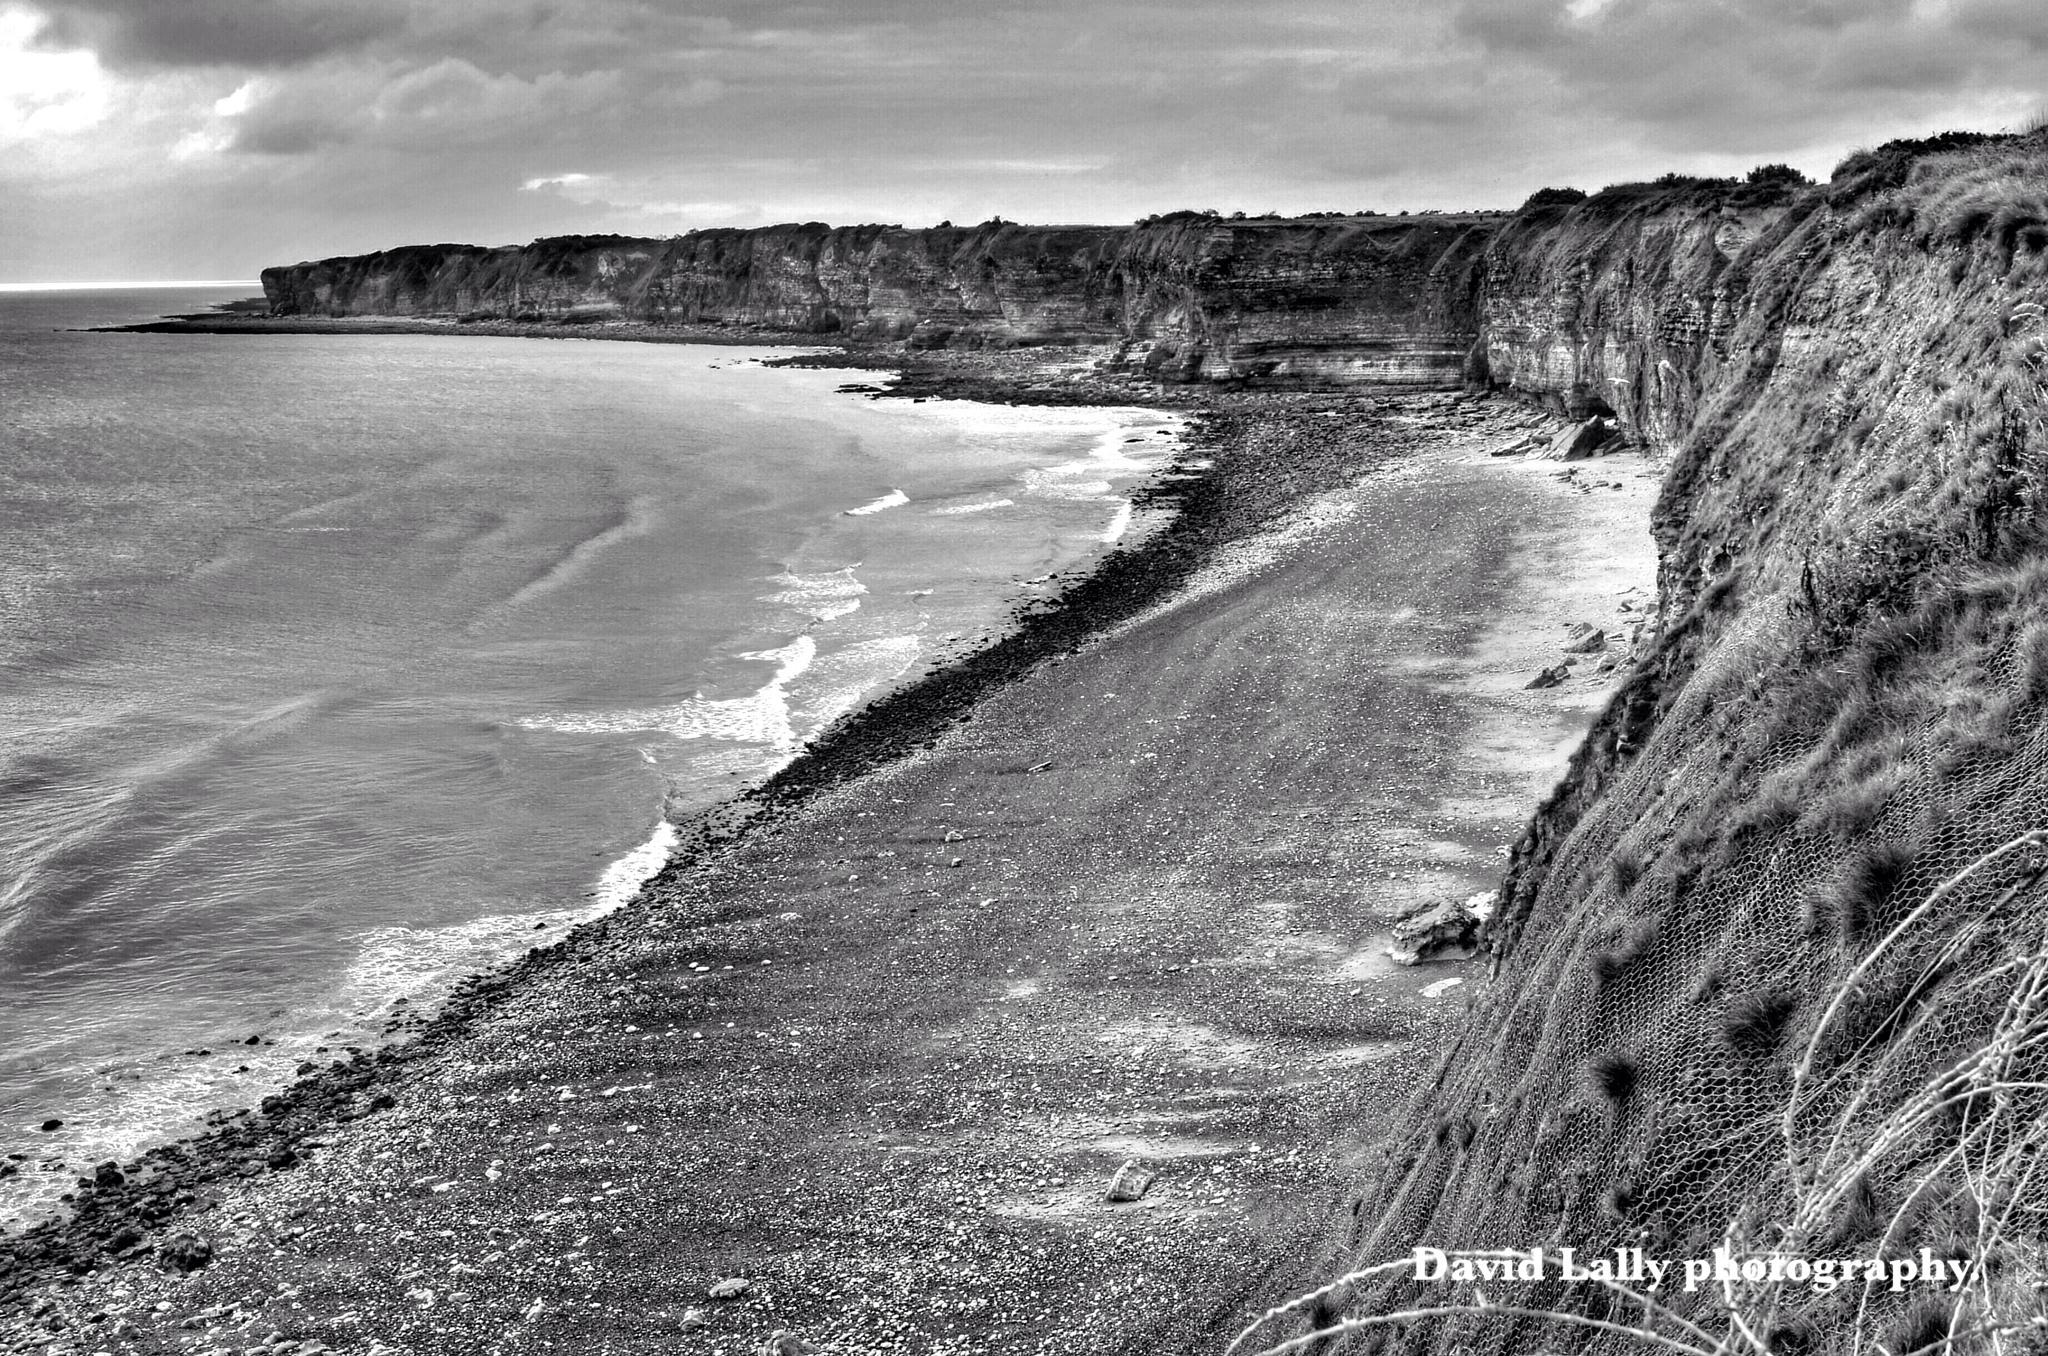 War beach. by davelally03